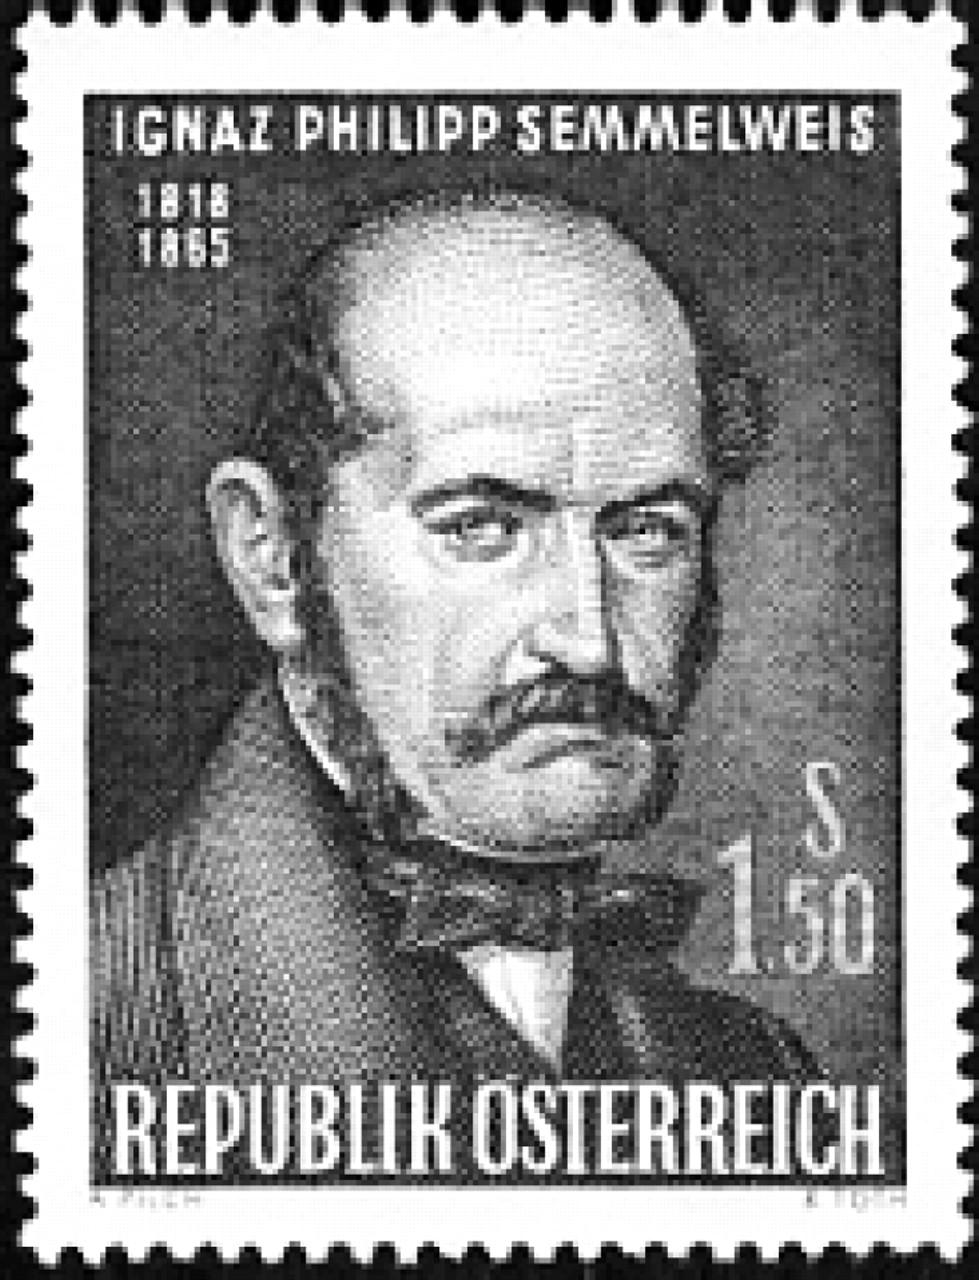 Virchow & Kollegium hier I. Semmelweis